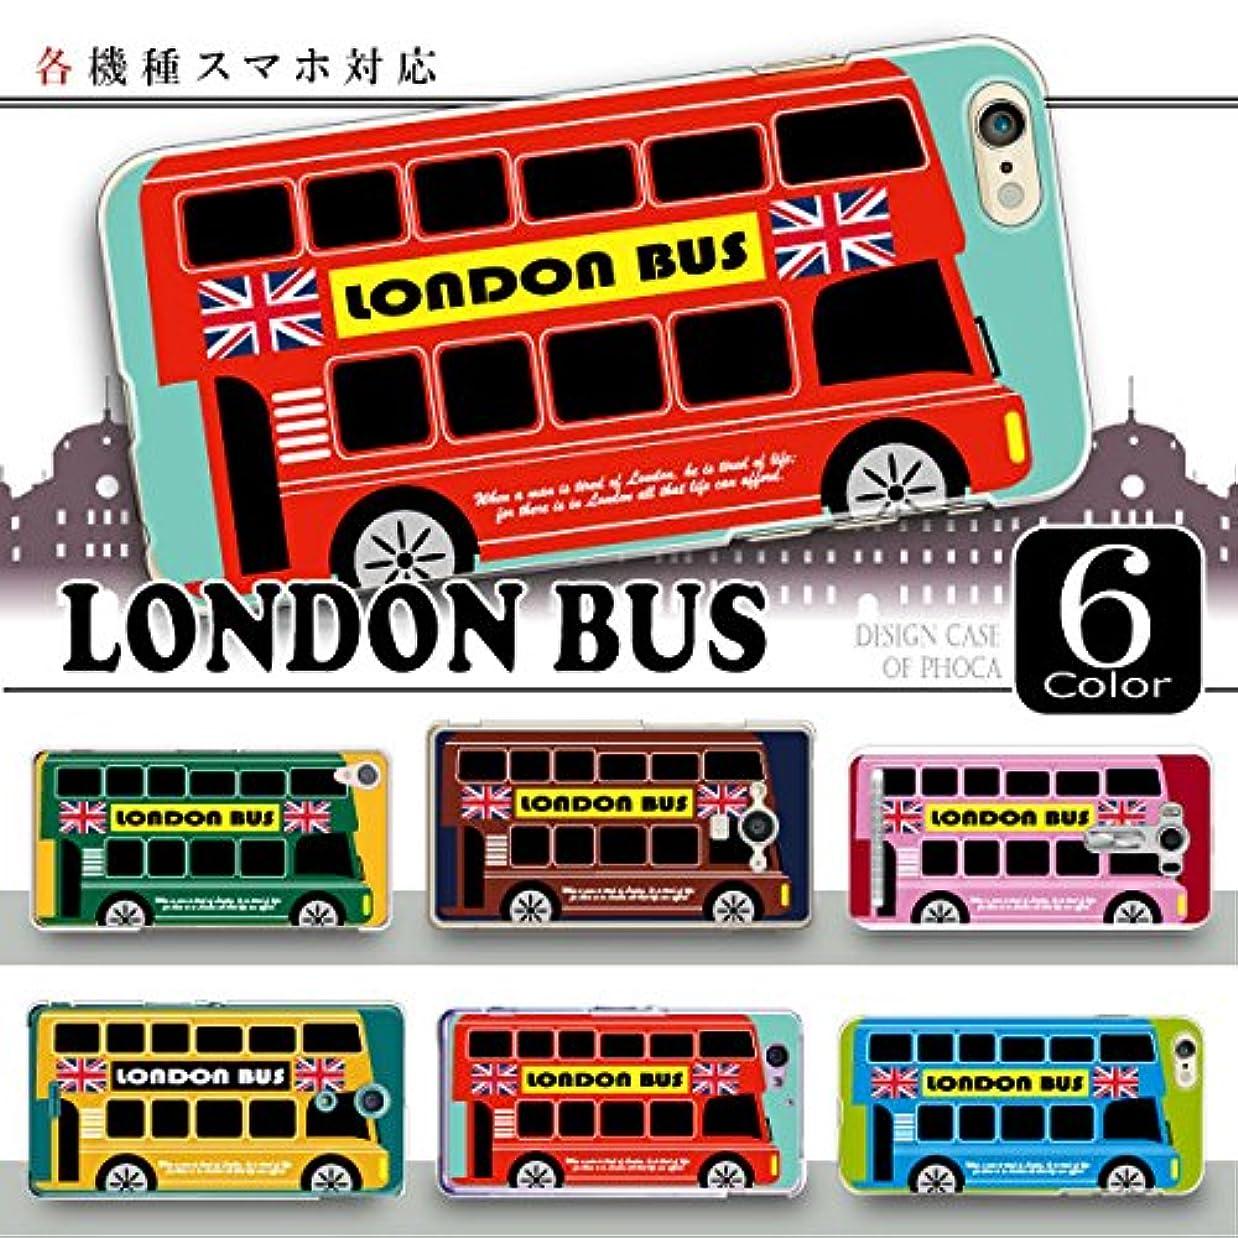 世代モールス信号耐久iPhone7 Plus (アイフォン7プラス 5.5インチ用) ロンドンバス柄 乗り物カラフル 【D】イエロー / / ハードケース スマホケース スマホカバー